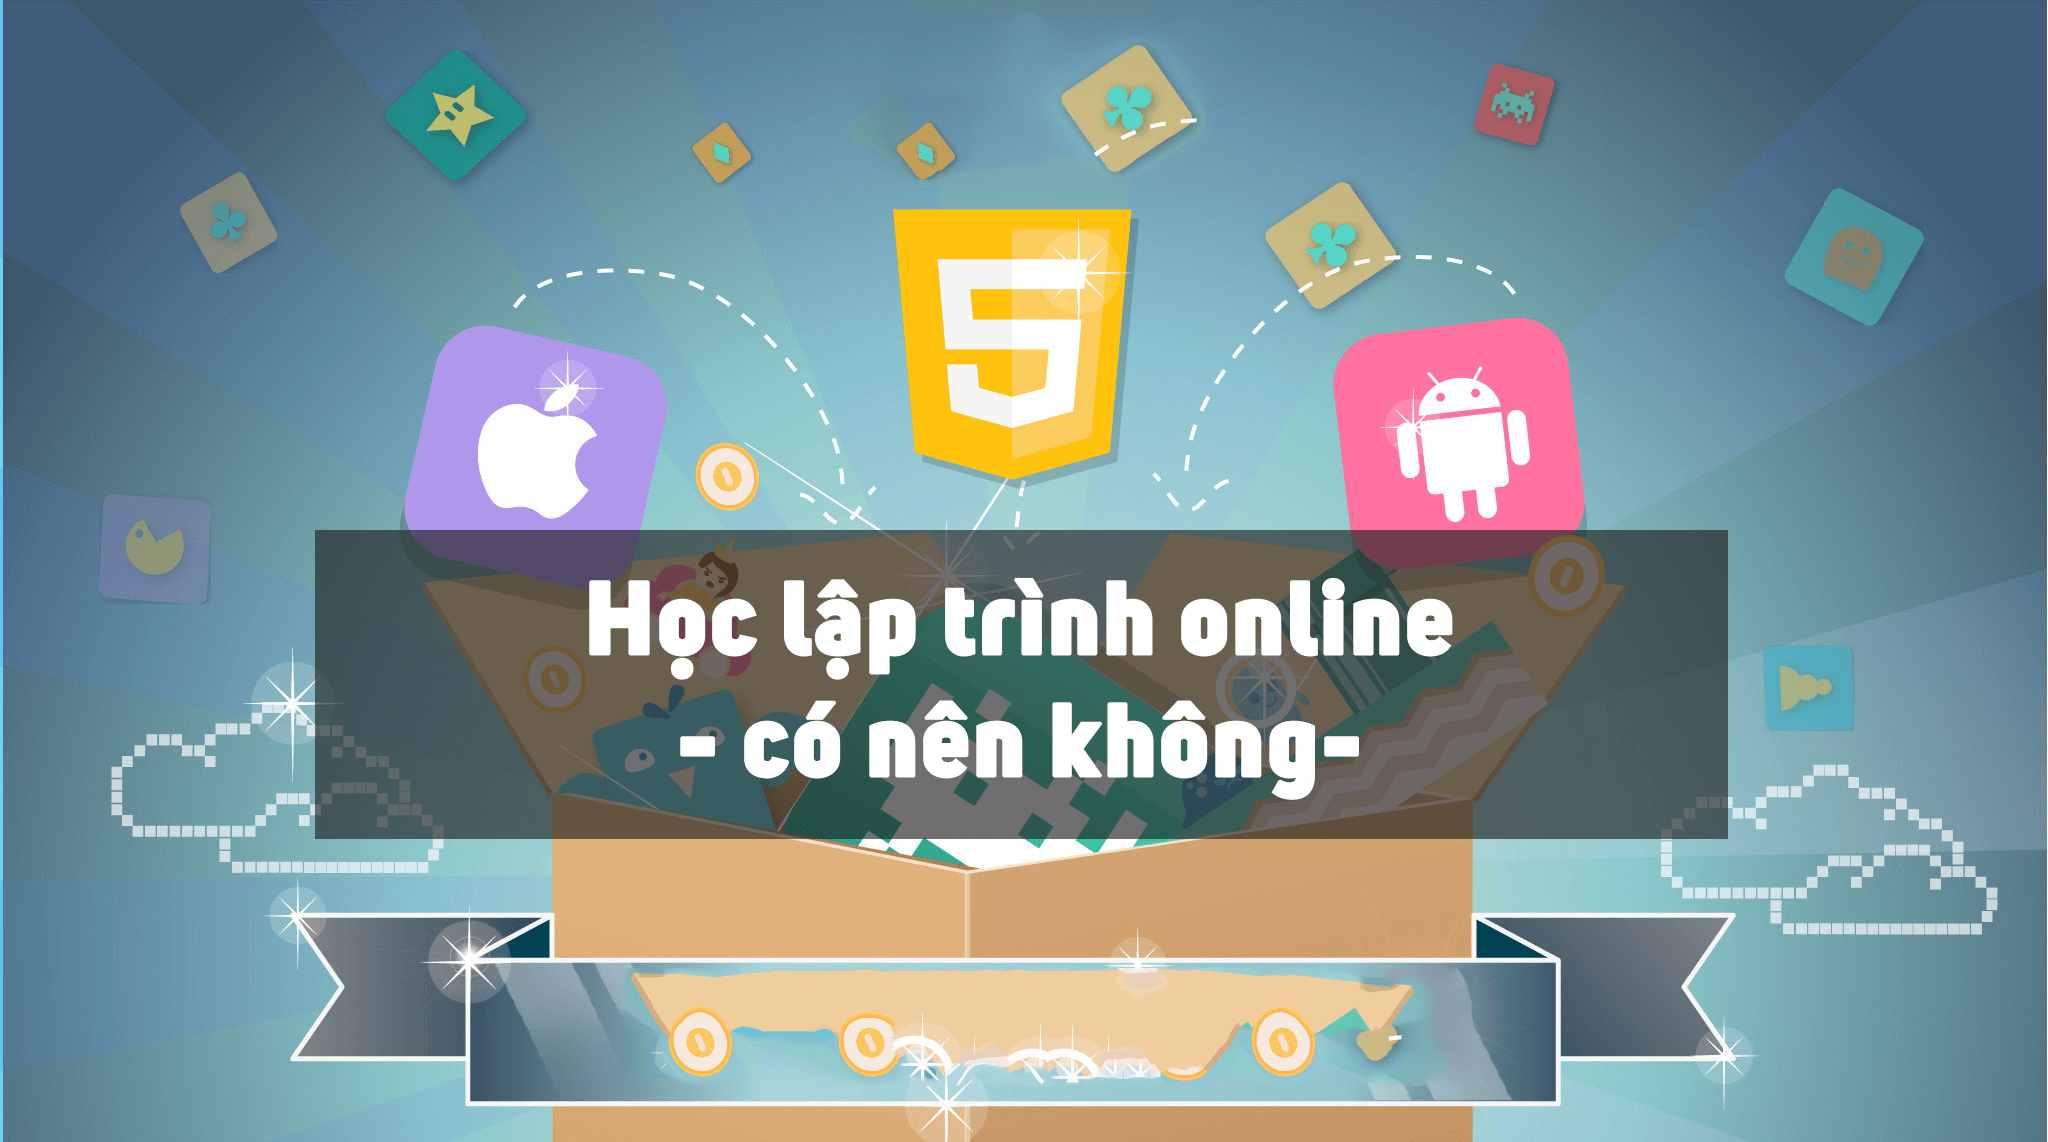 Học lập trình online có nên không?